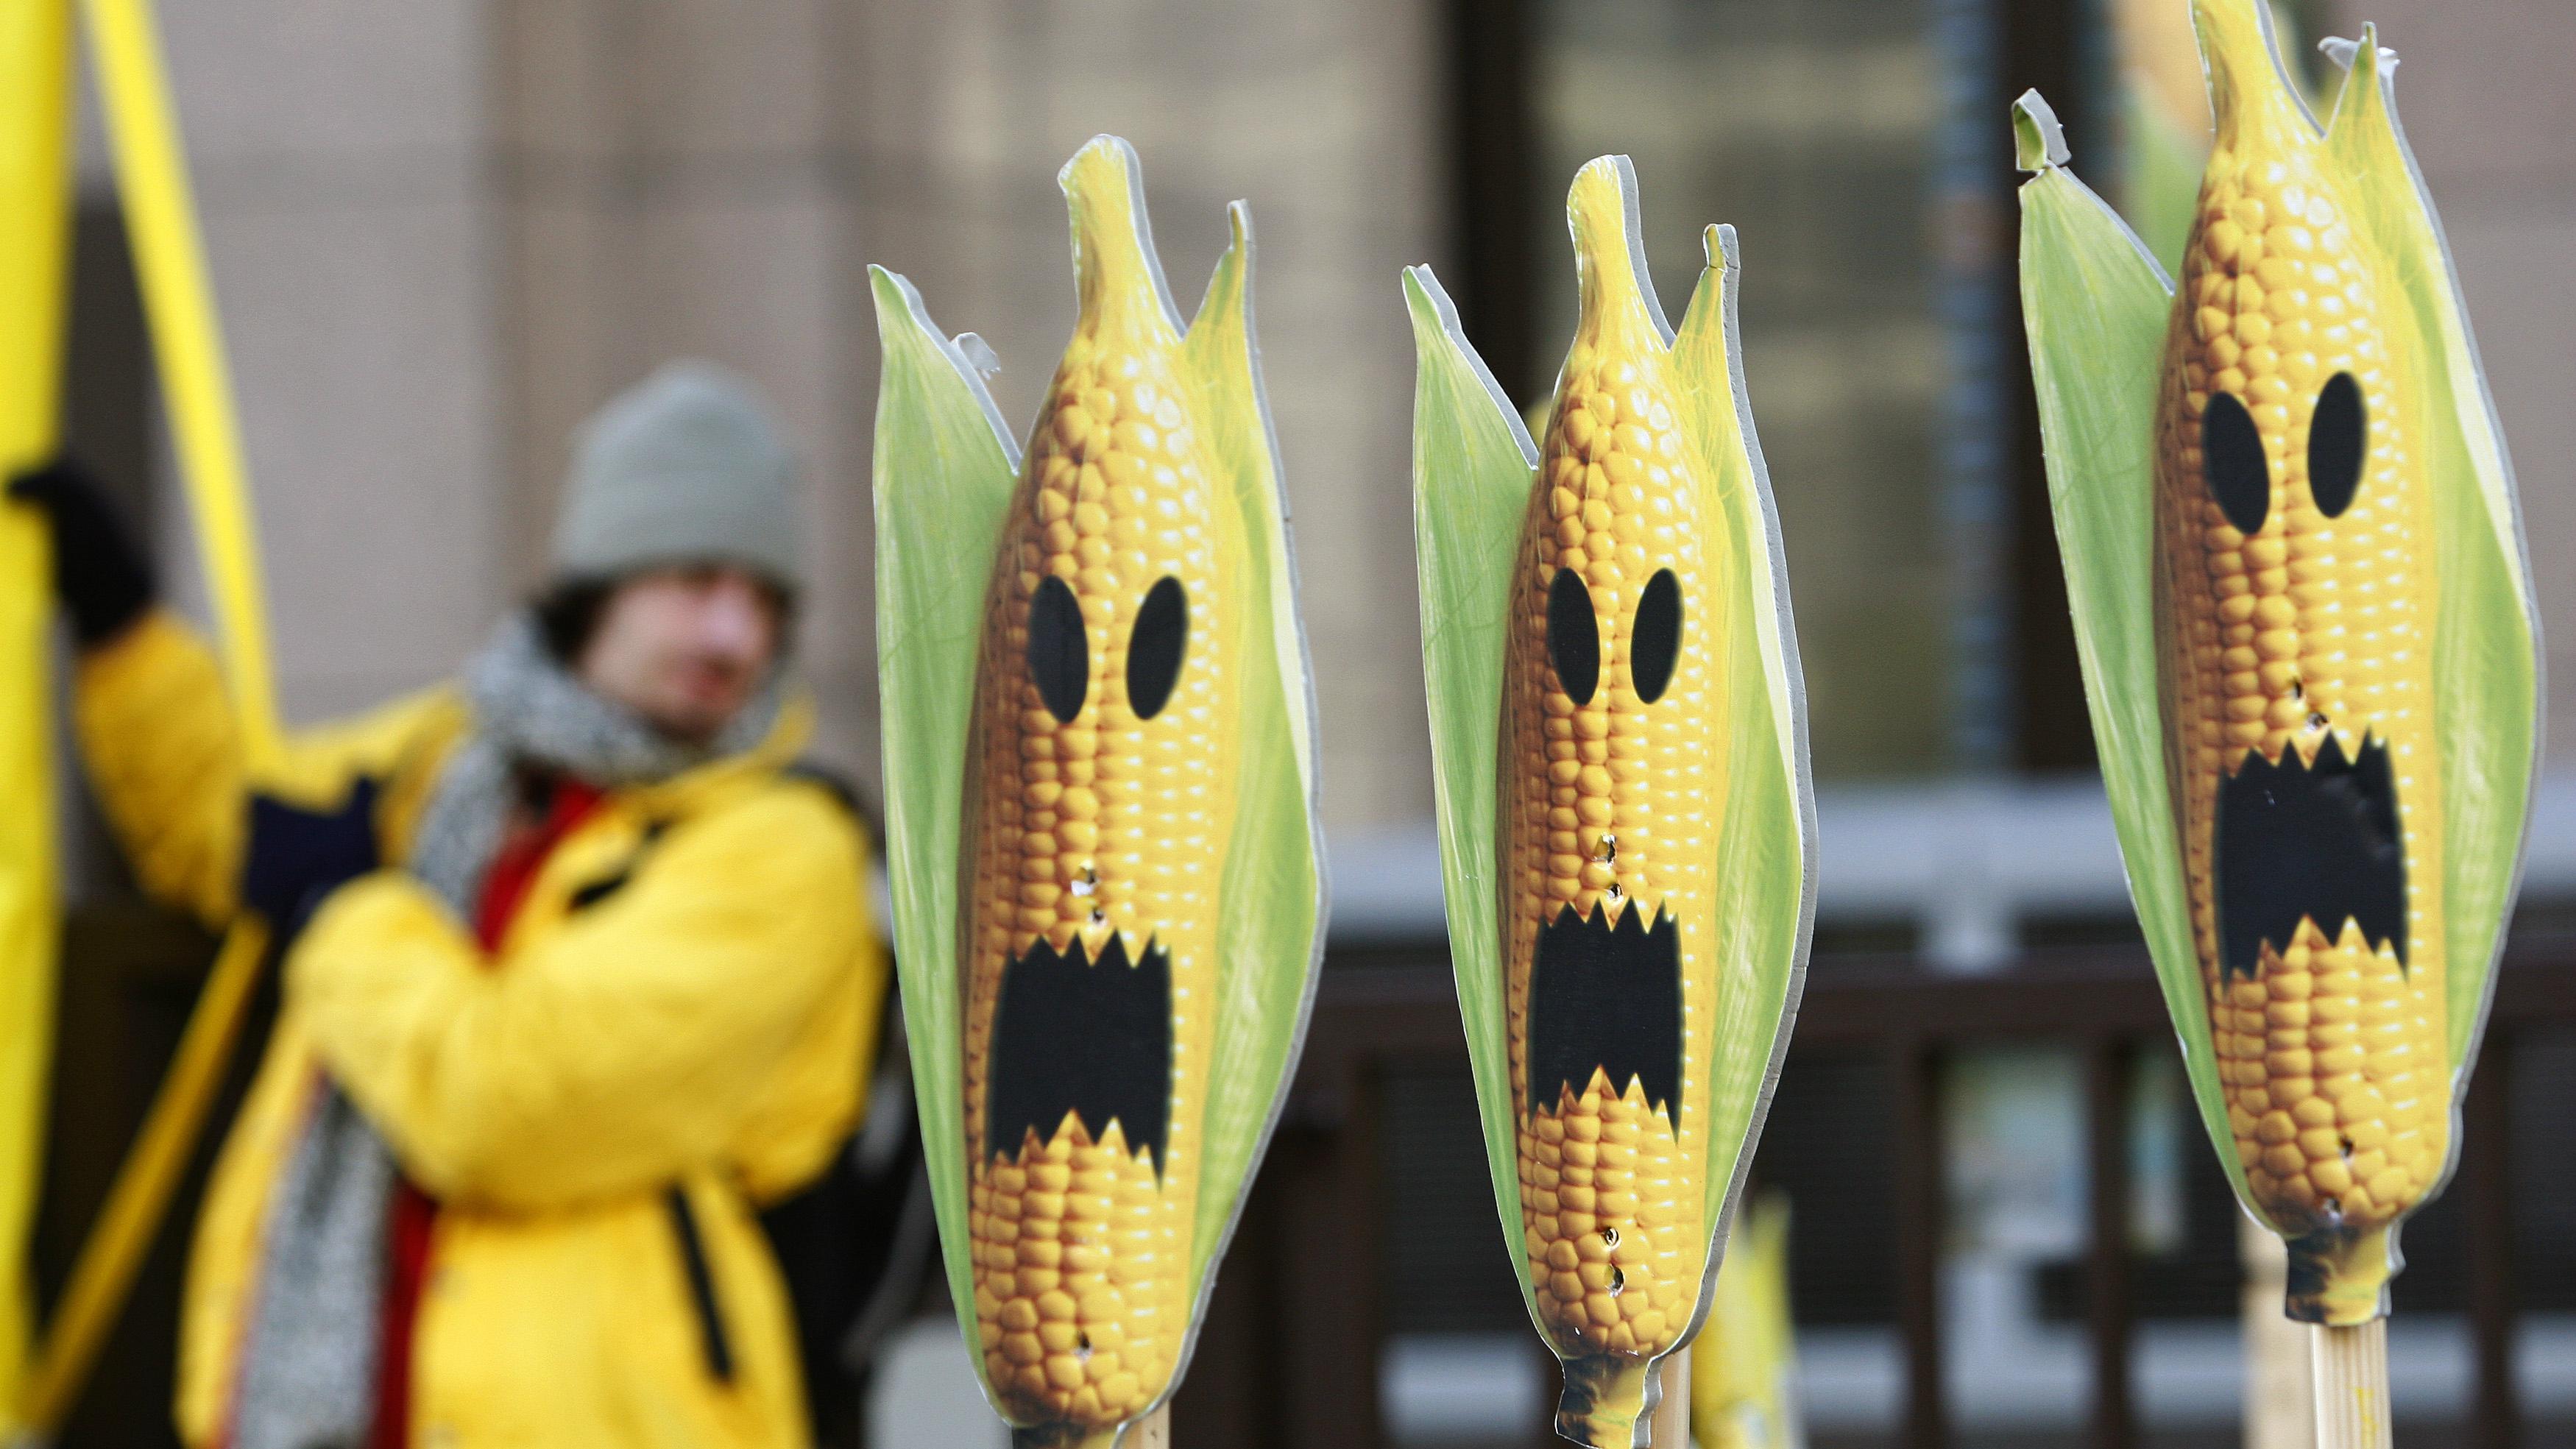 It's a political maize.